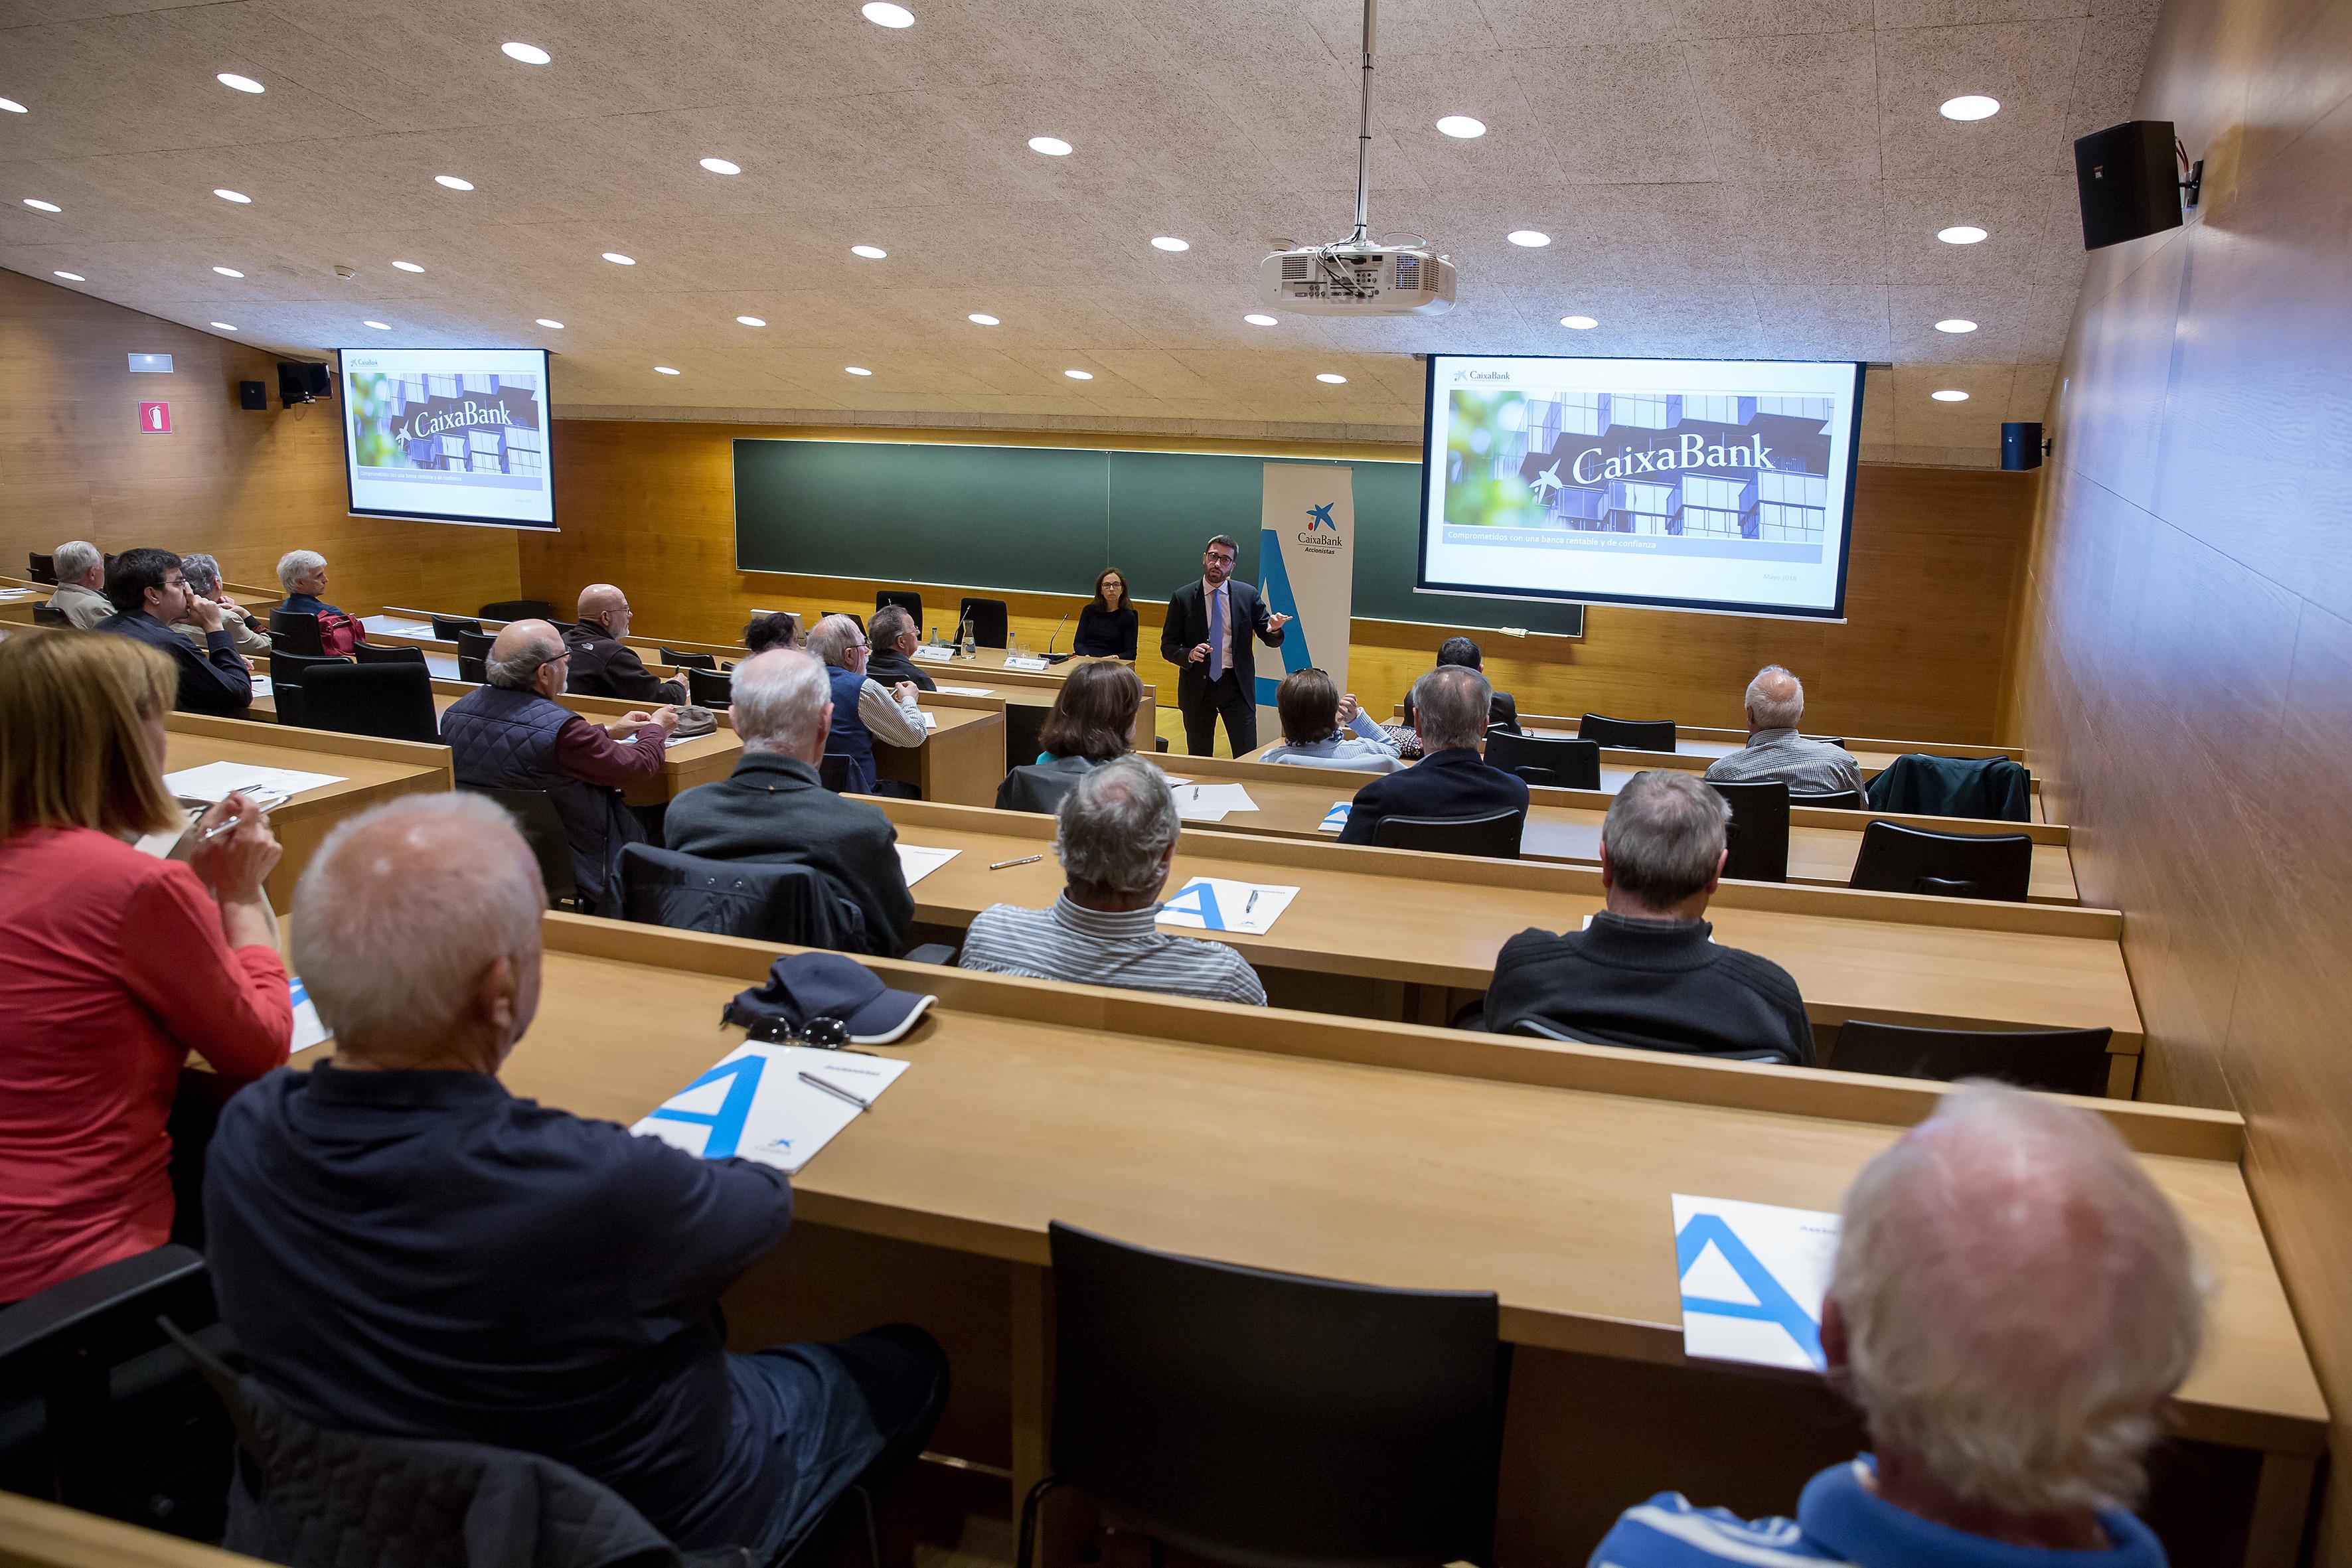 Resultado de imagen de CaixaBank se reúne con 150 accionistas en Santa Cruz de Tenerife para explicarles los últimos resultados de la entidad